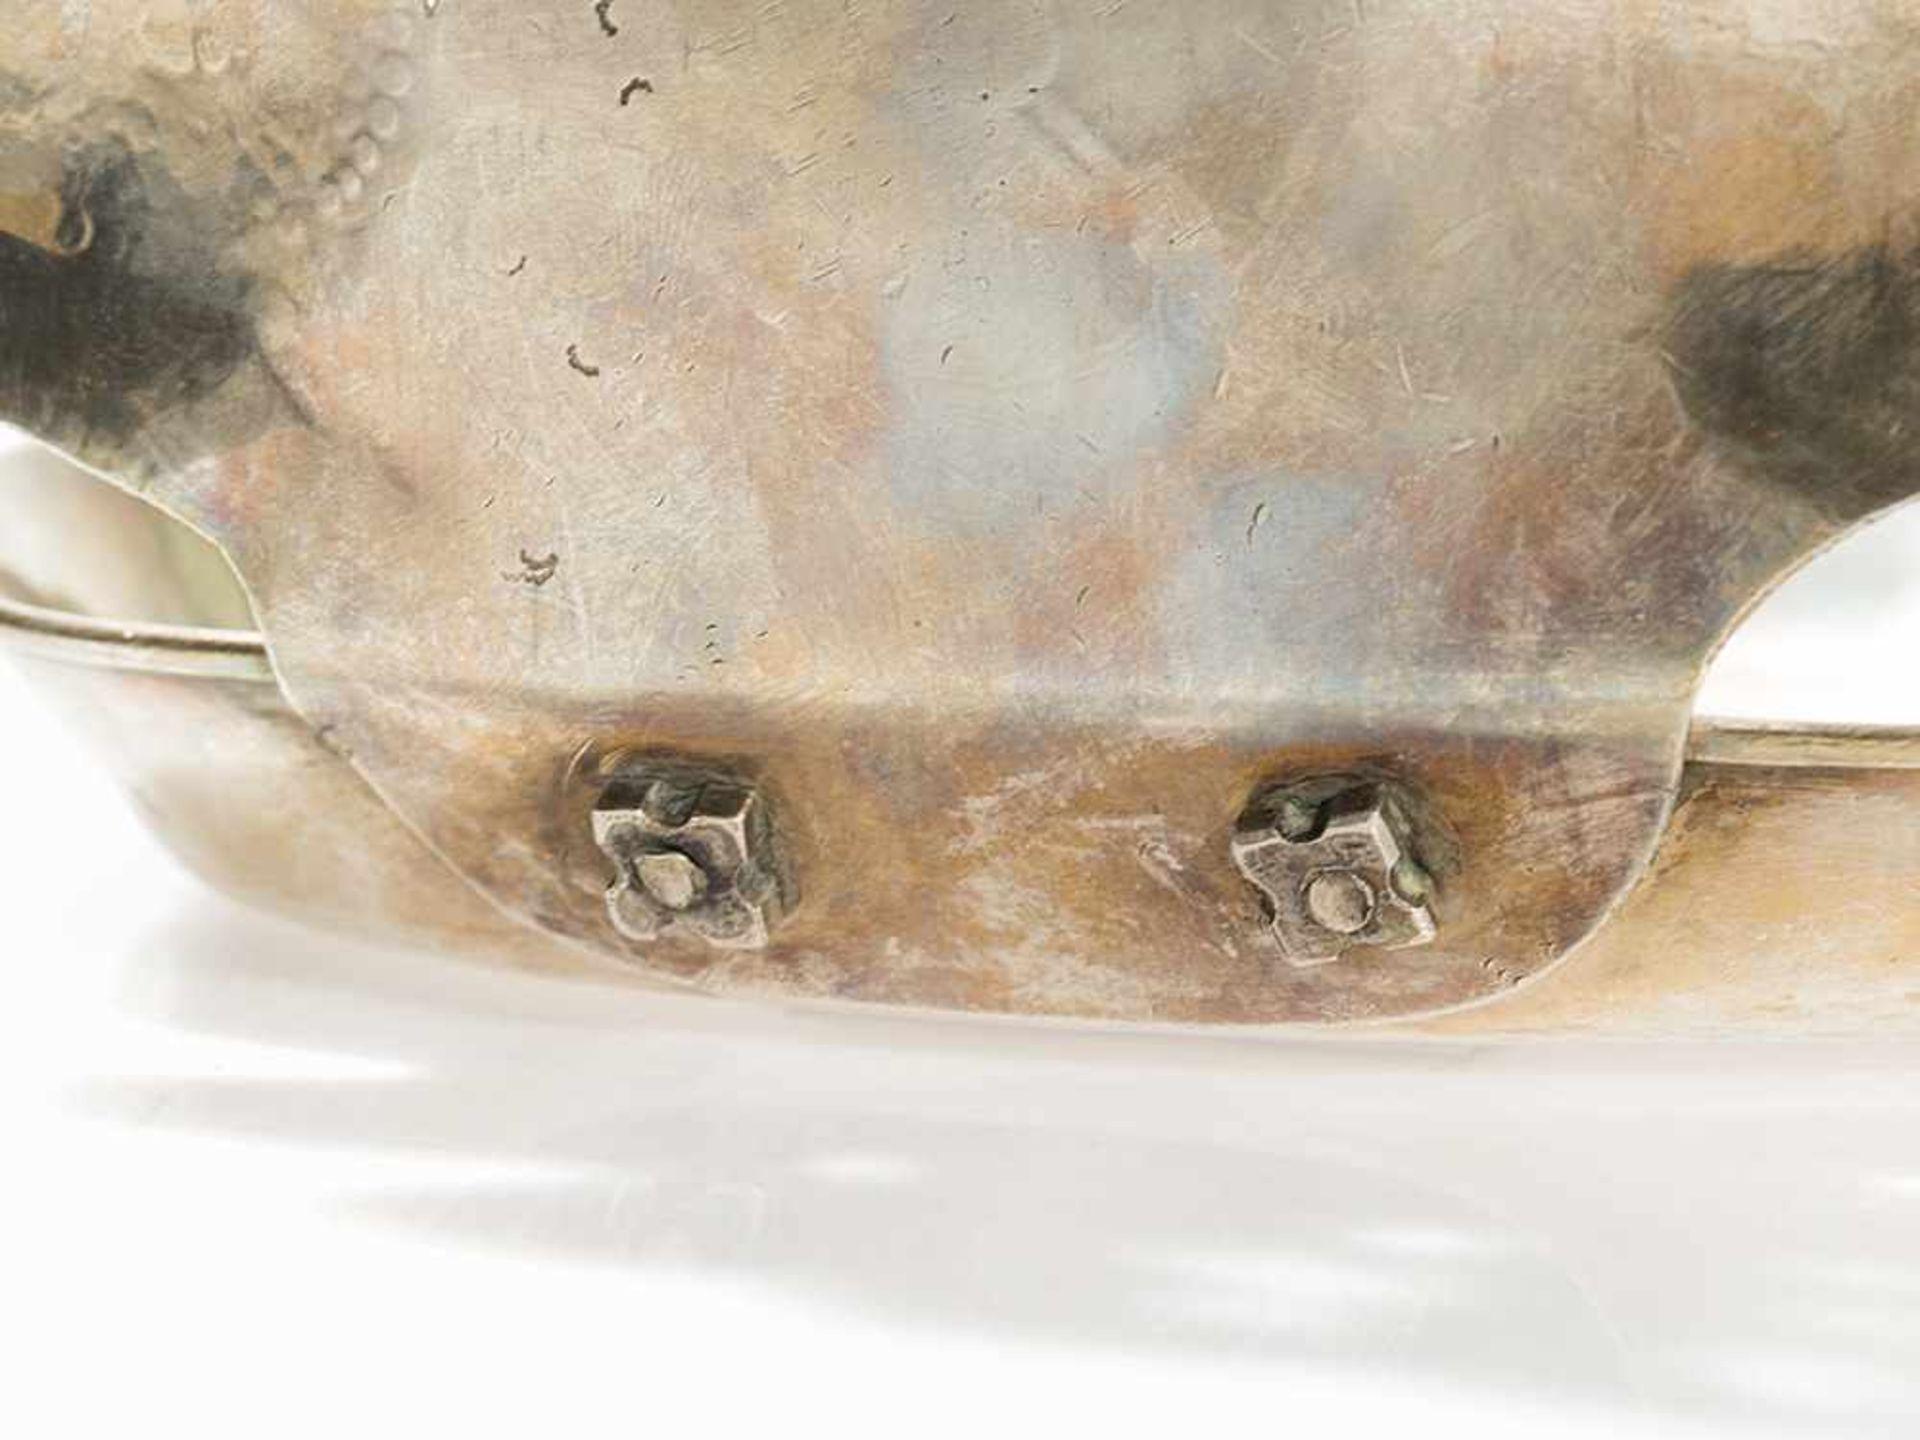 Los 82 - Silberner Handleuchter mit Offener Rückblende, Mexiko, 19. Jh. Silber, gegossen, getrieben,